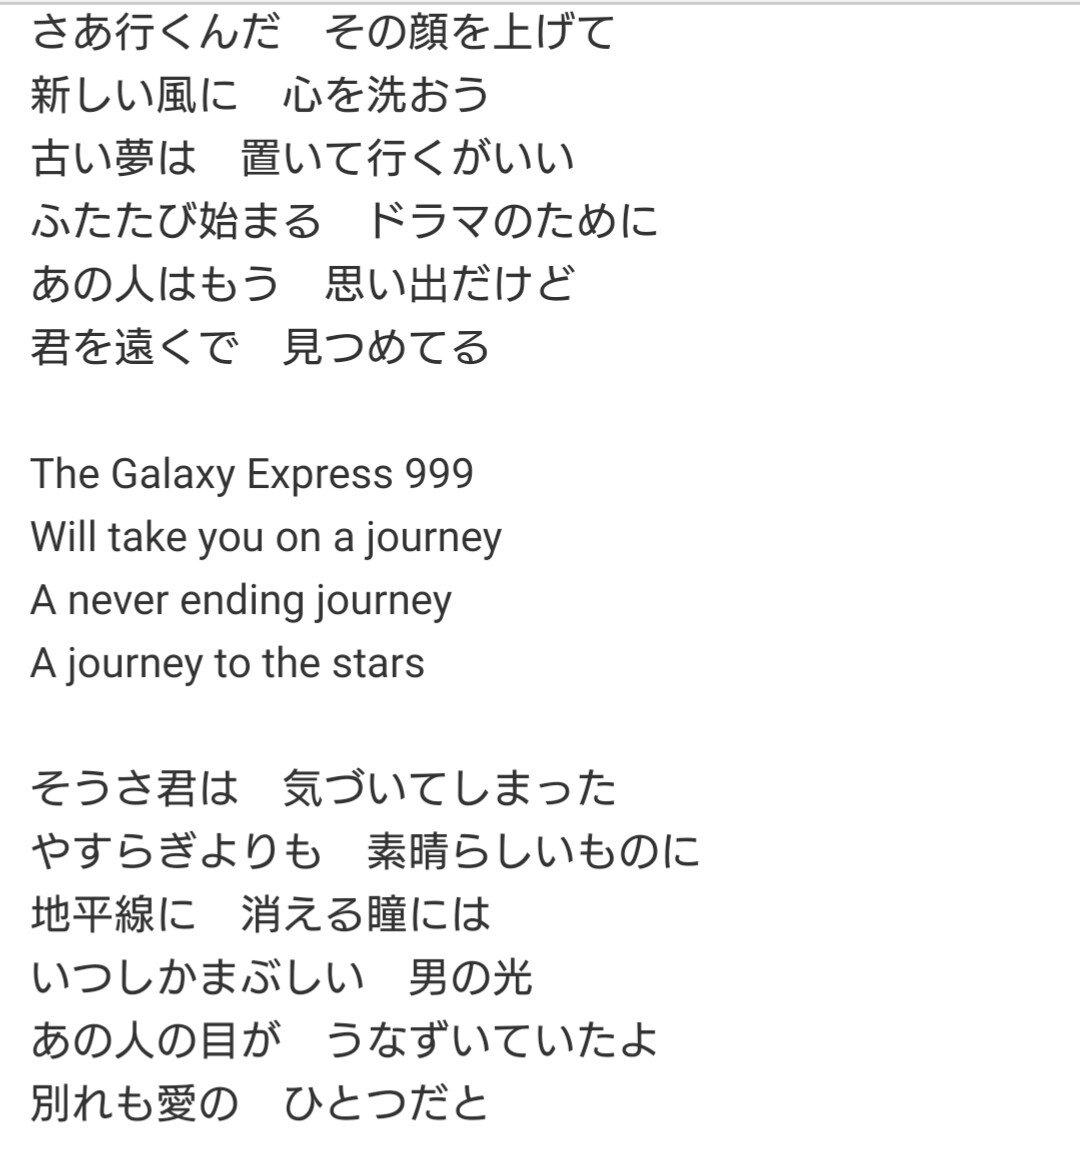 銀河 鉄道 999 ゴダイゴ